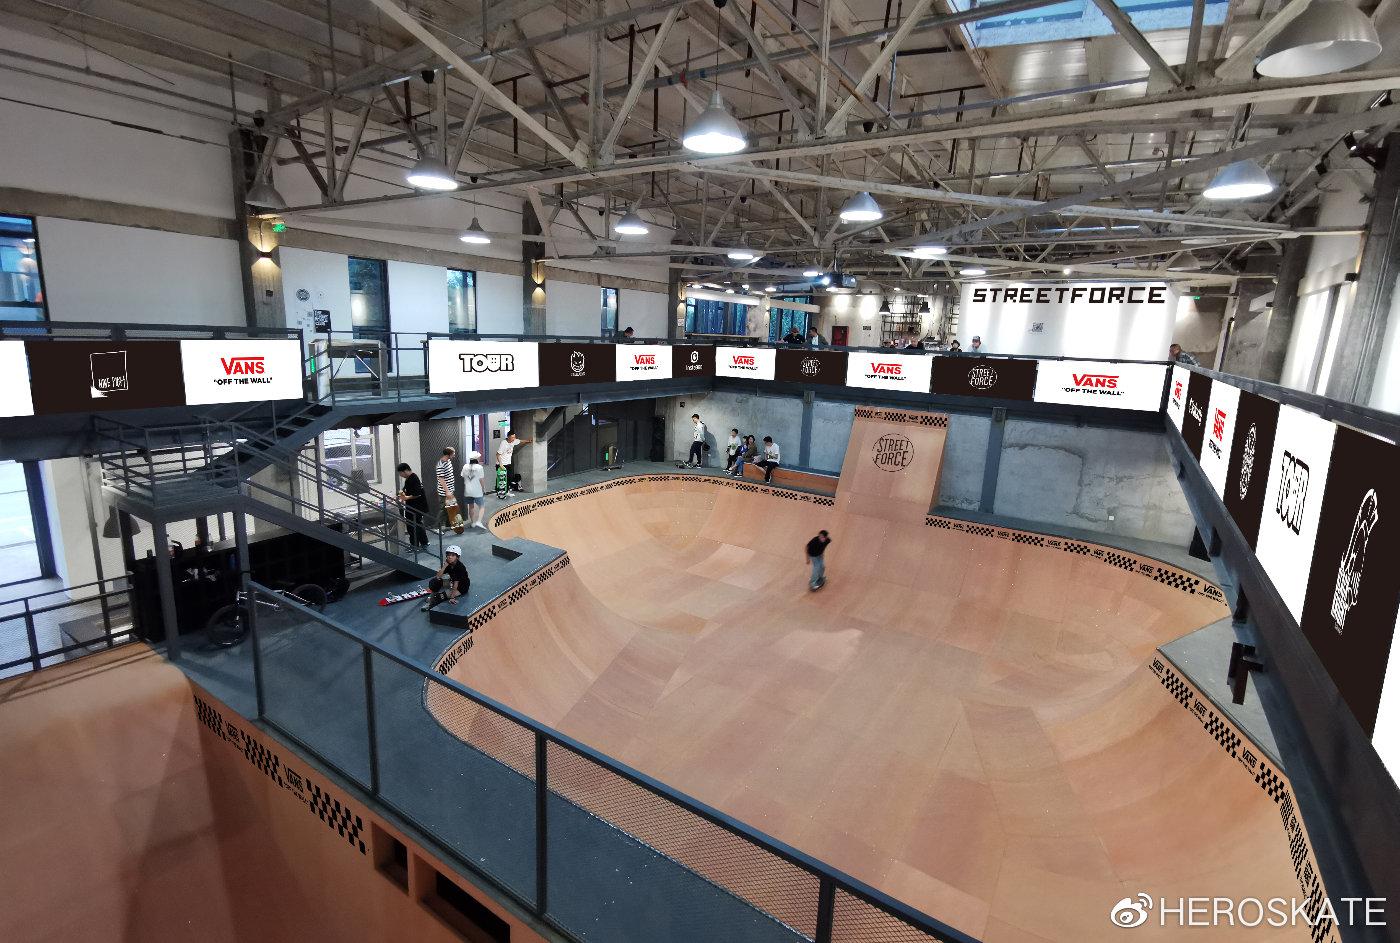 广州旅展_Vans滑板学校登陆北京和广州,全新福利等你来拿!_.::HEROSKATE.COM ...